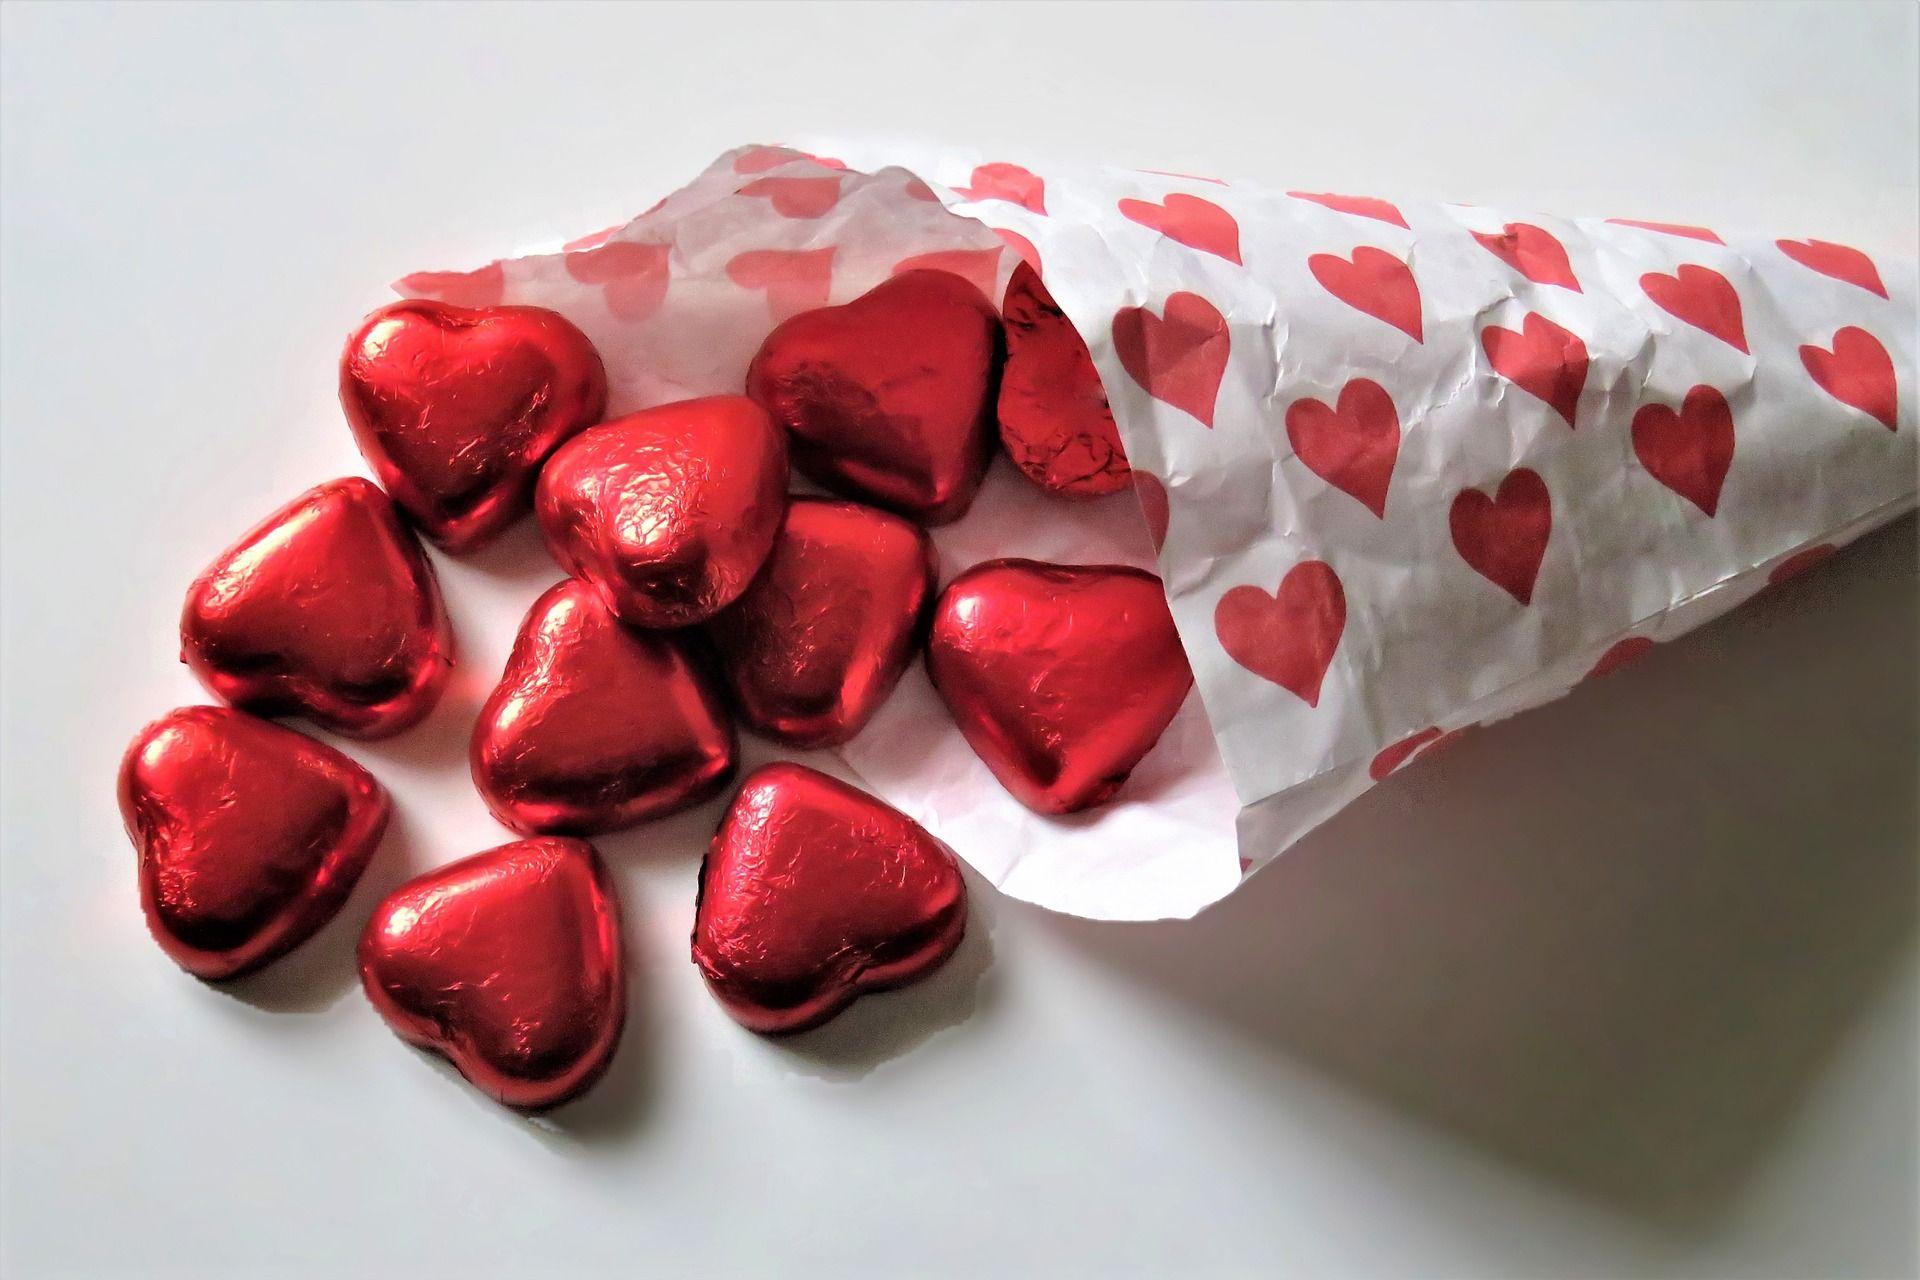 Одиноким москвичам посоветовали порадовать себя в День всех влюбленных